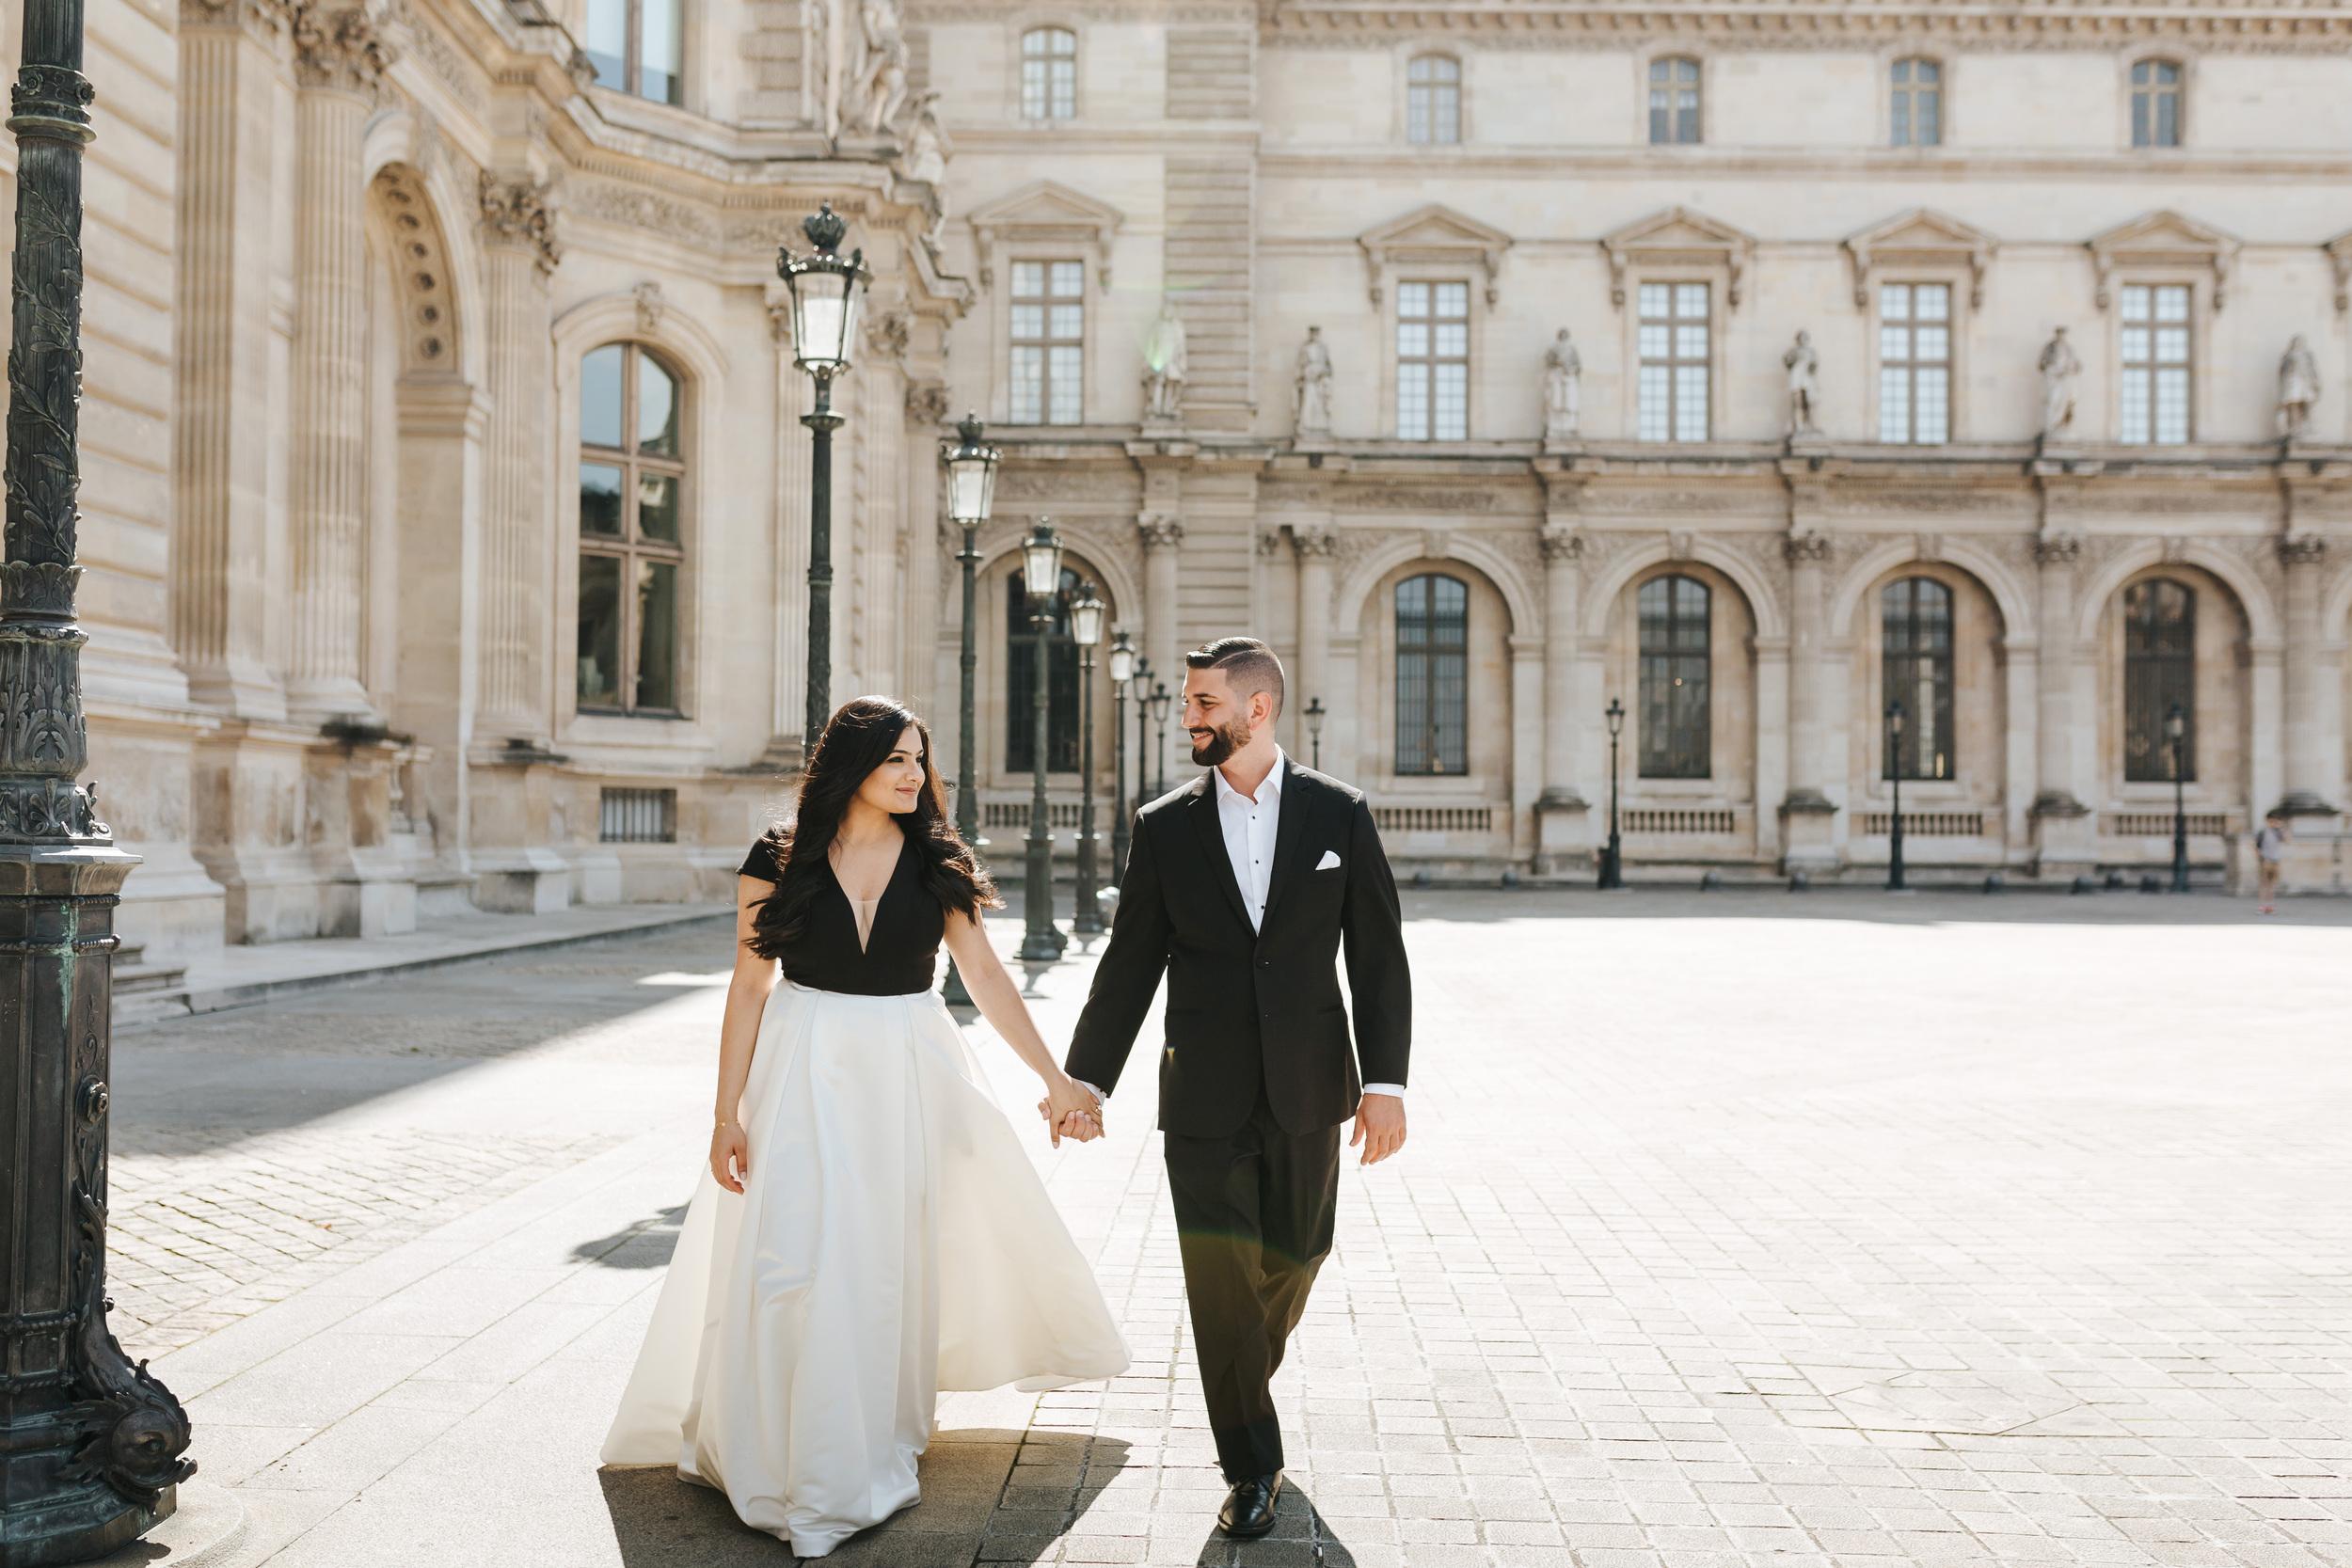 paris photographer federico guendel couple romantic engagement portrait session at the courtyard of louvre museum